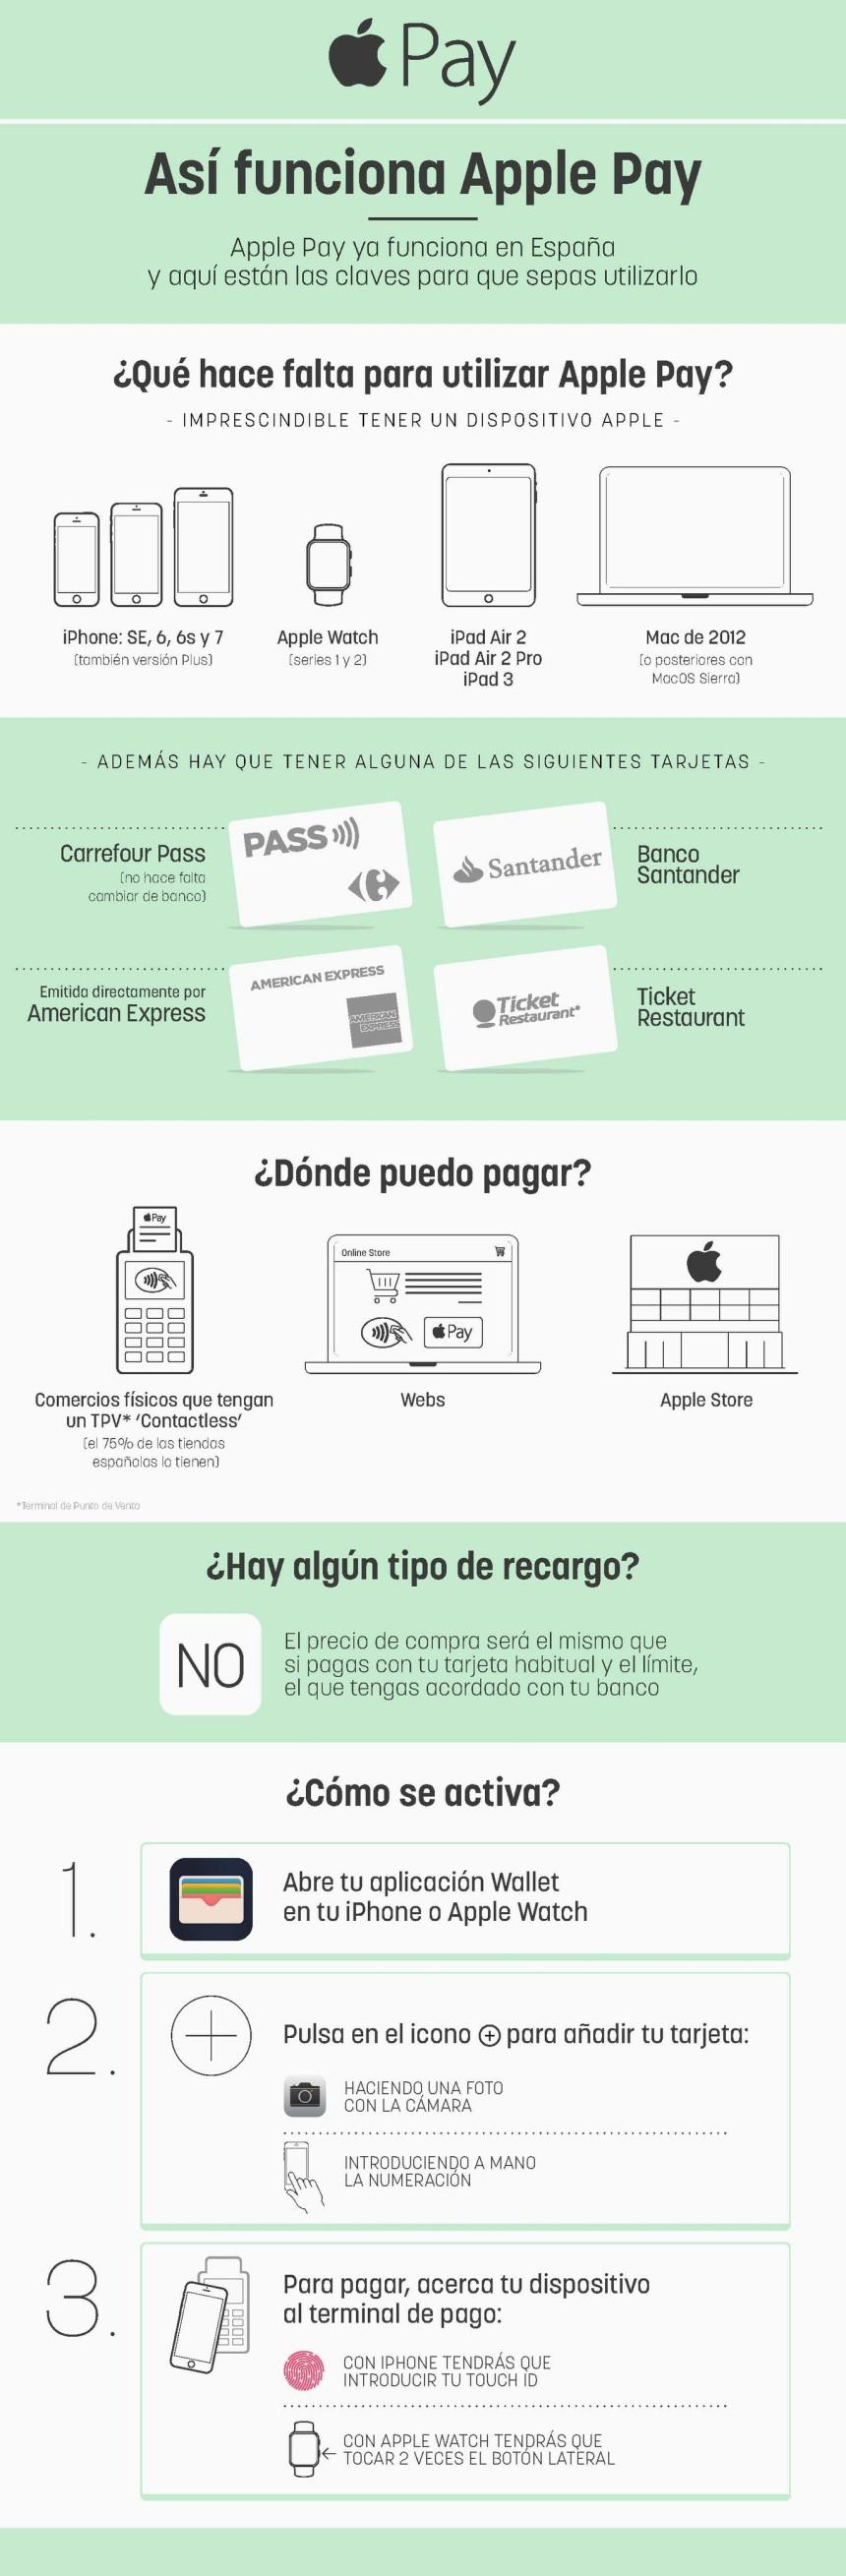 Apple Pay: cómo funciona